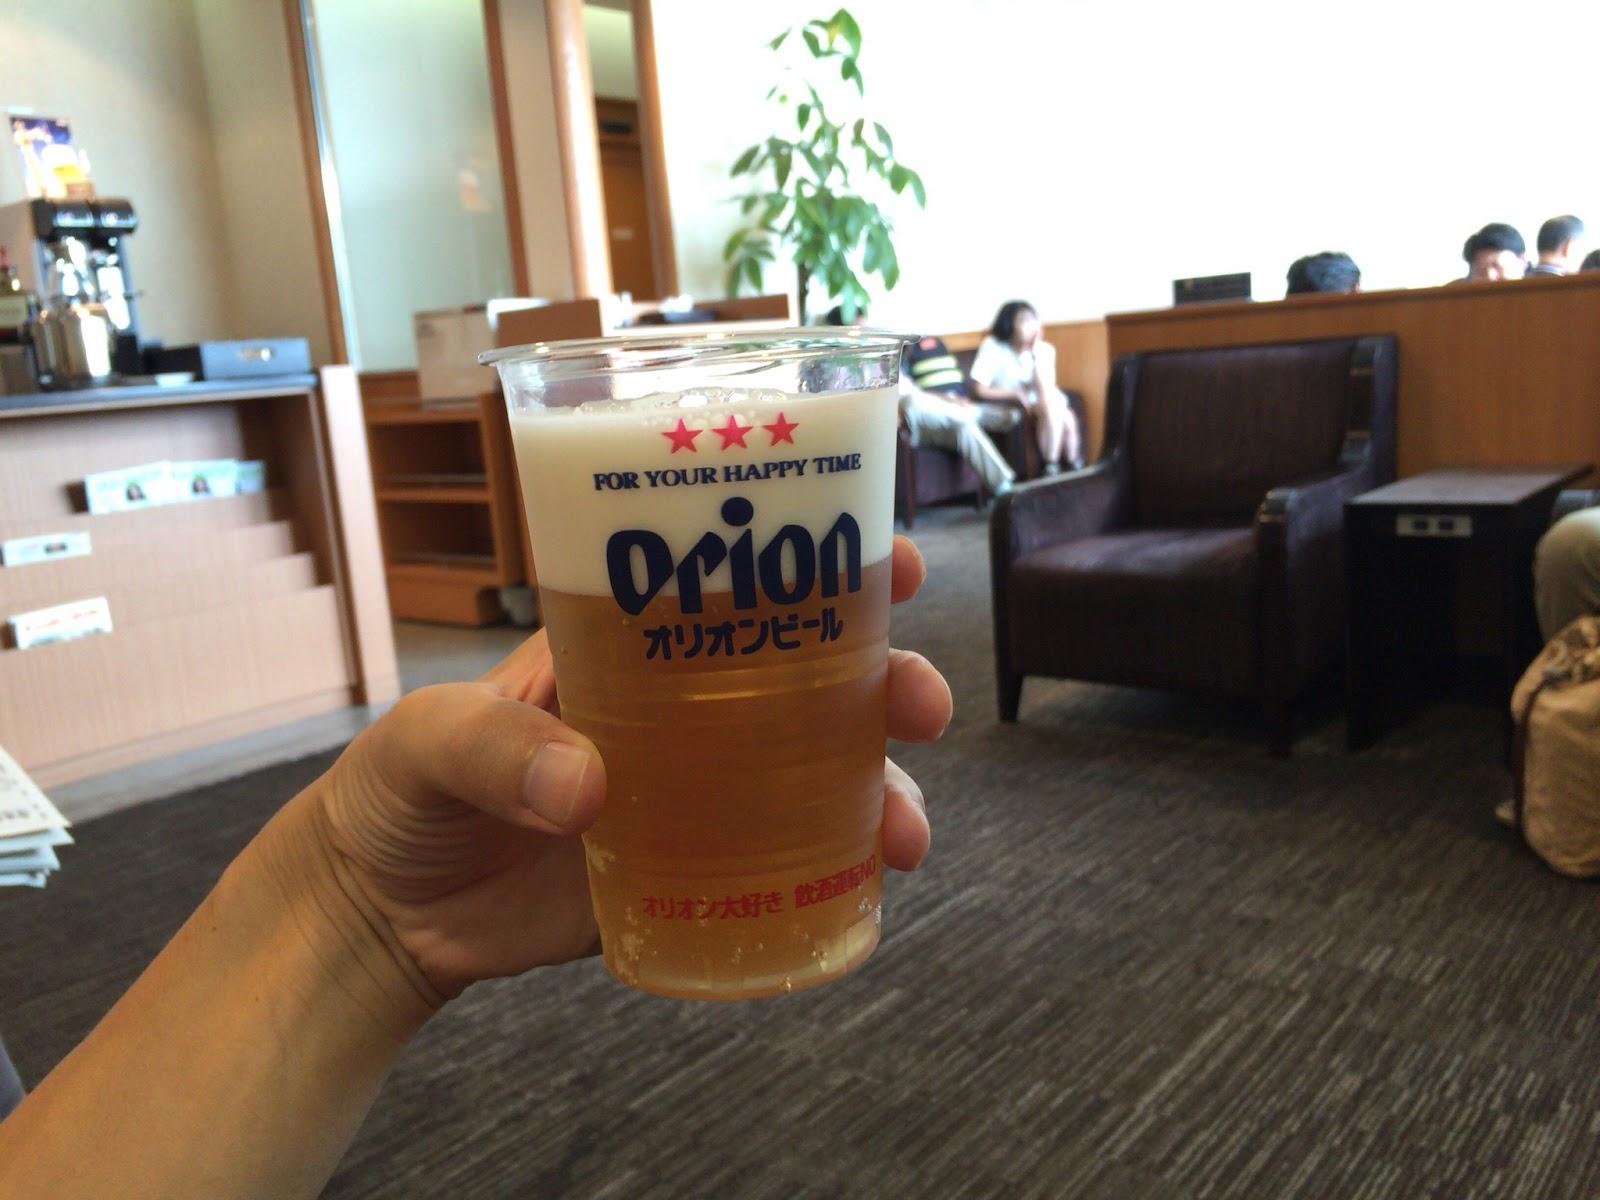 19レグ JL918 沖縄・那覇 - 東京・羽田 18:25-20:50 クラスJ | 搭乗記録 | マイル修行:JAL・JGCの旅2016